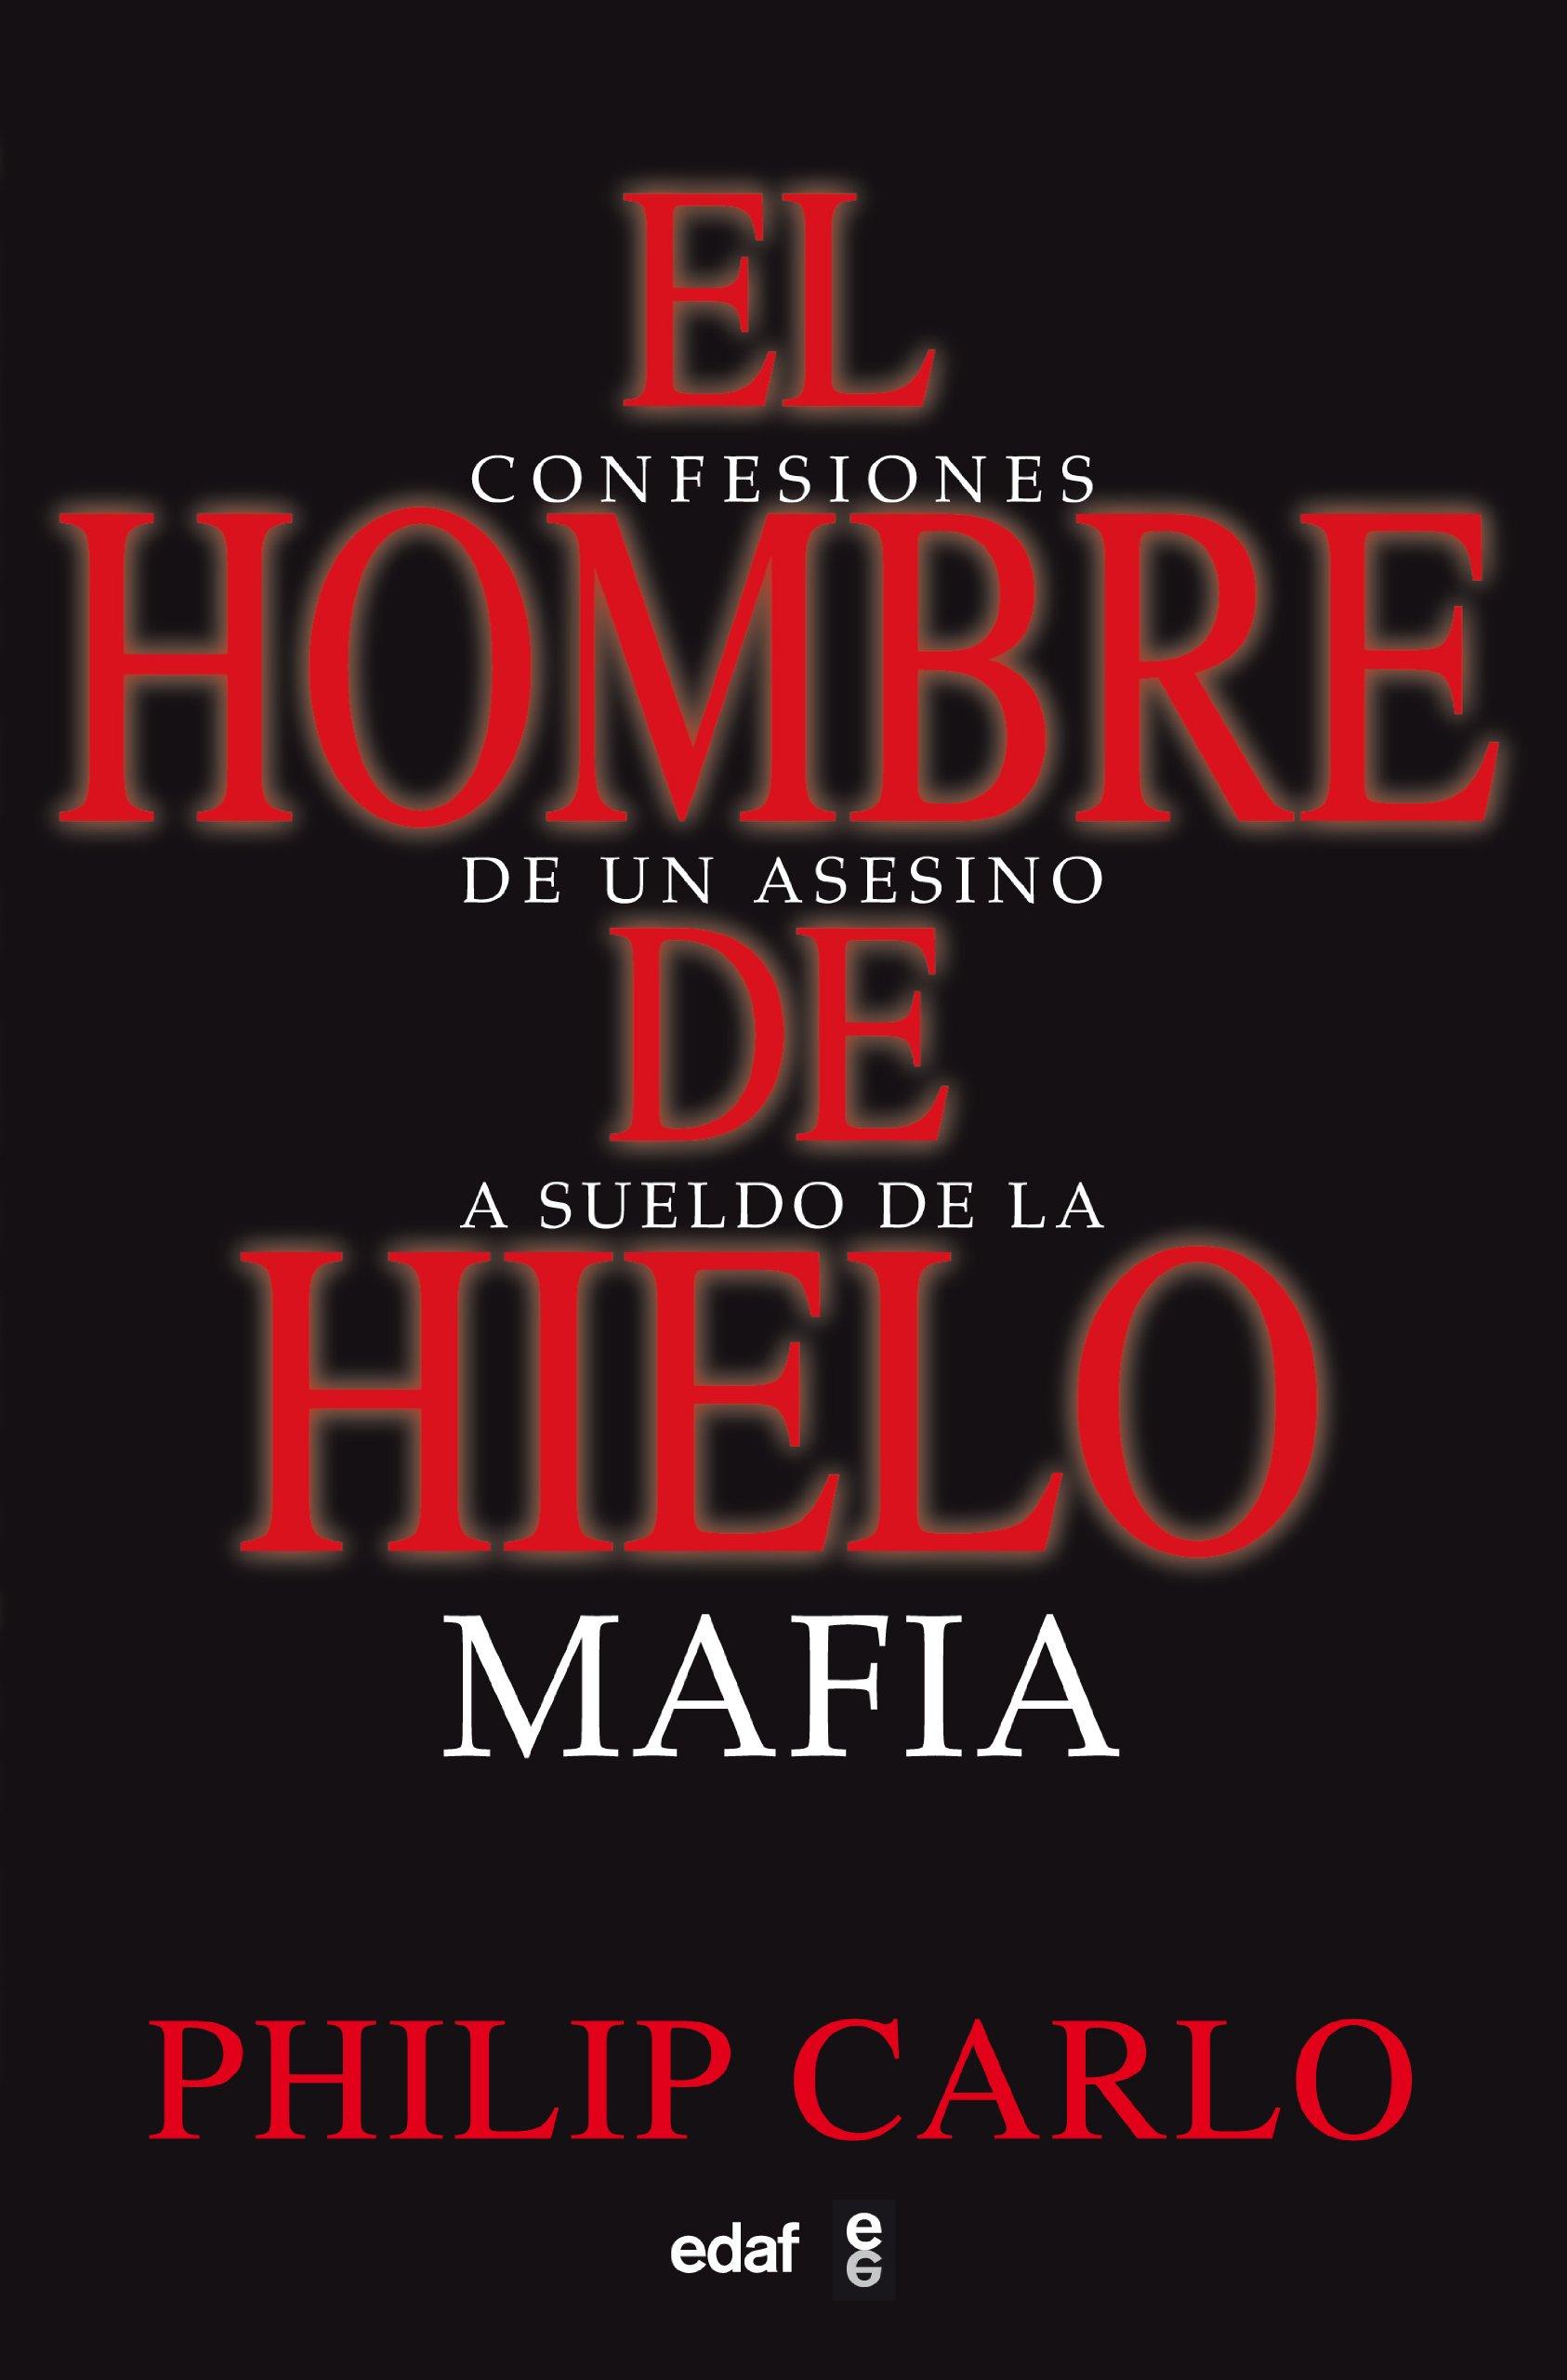 El hombre de hielo (Spanish Edition): Phillip Carlo: 9788441419377: Amazon.com: Books